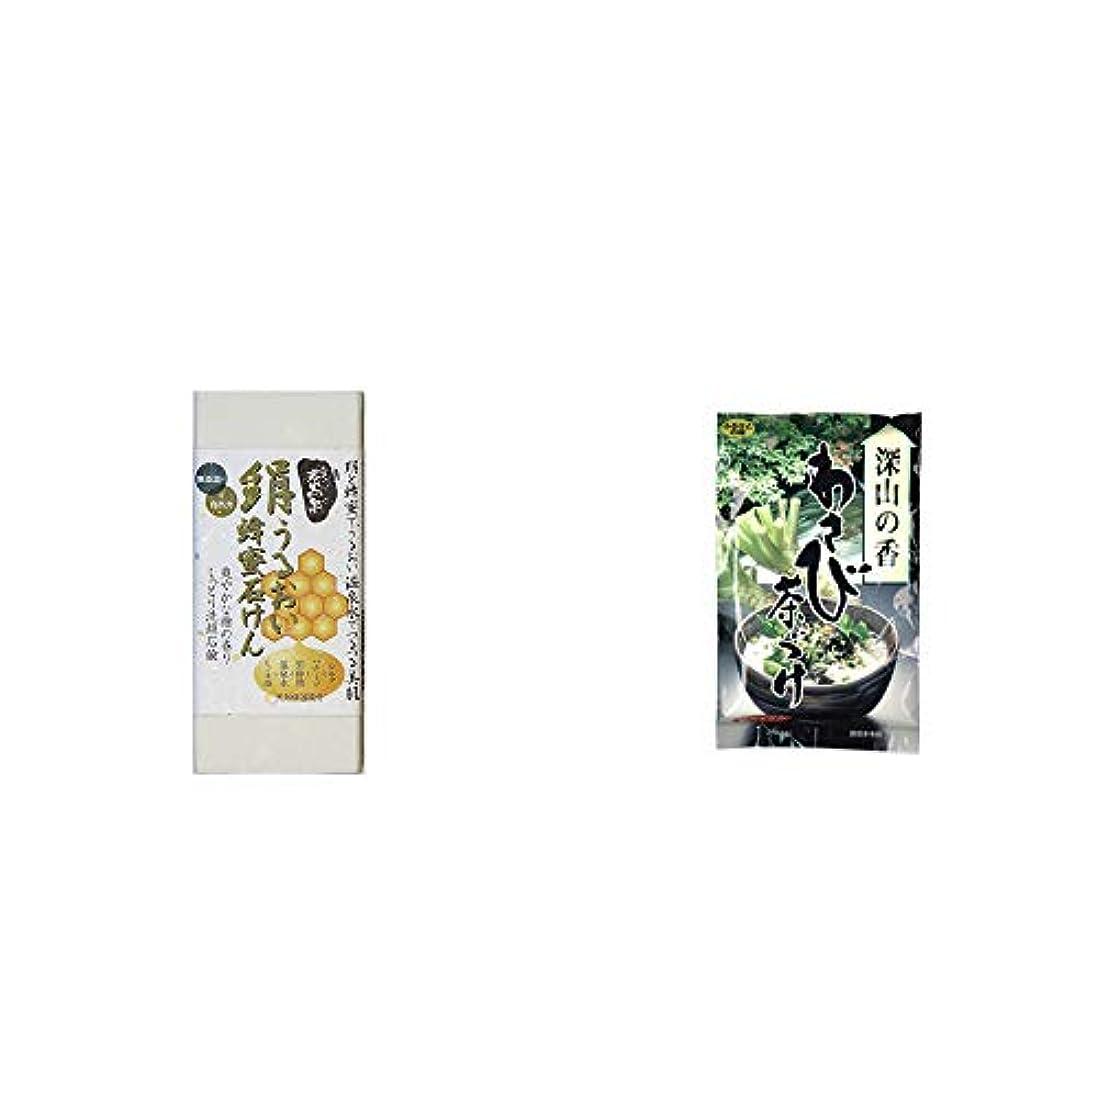 バンカー一月忌避剤[2点セット] ひのき炭黒泉 絹うるおい蜂蜜石けん(75g×2)?特選茶漬け 深山の香 わさび茶づけ(10袋入)